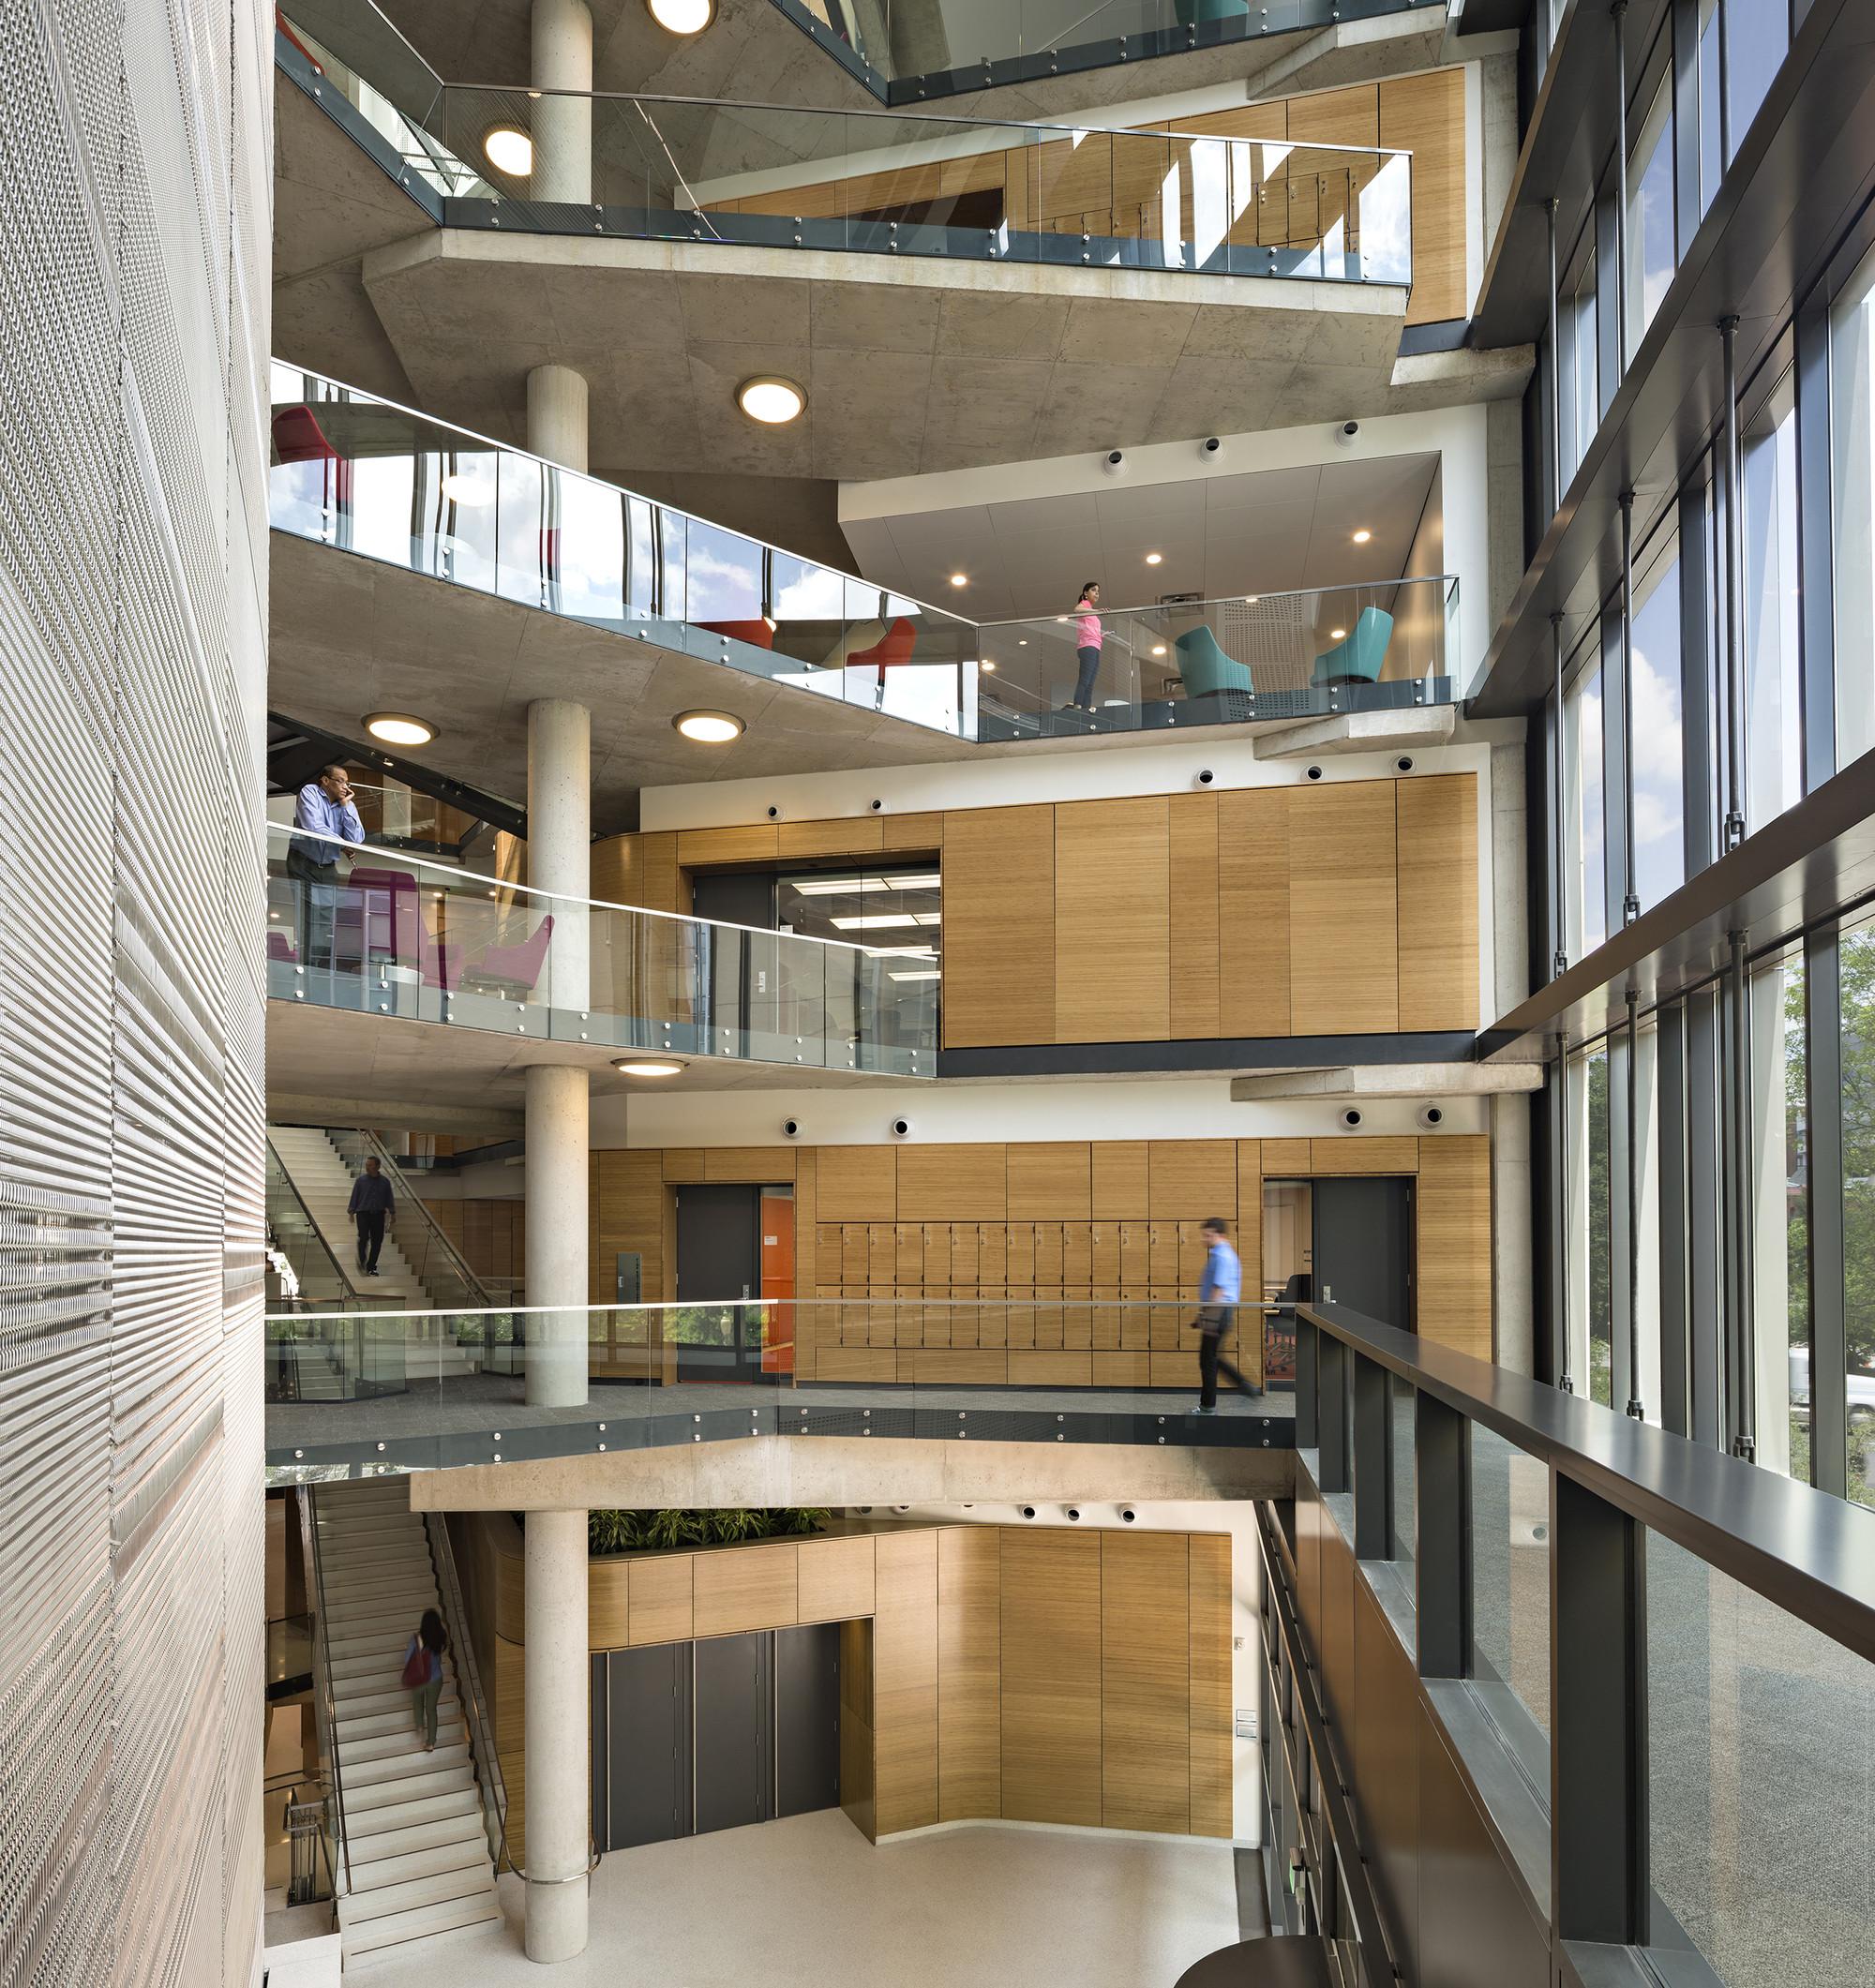 Gallery Of Milken Institute School Of Public Health